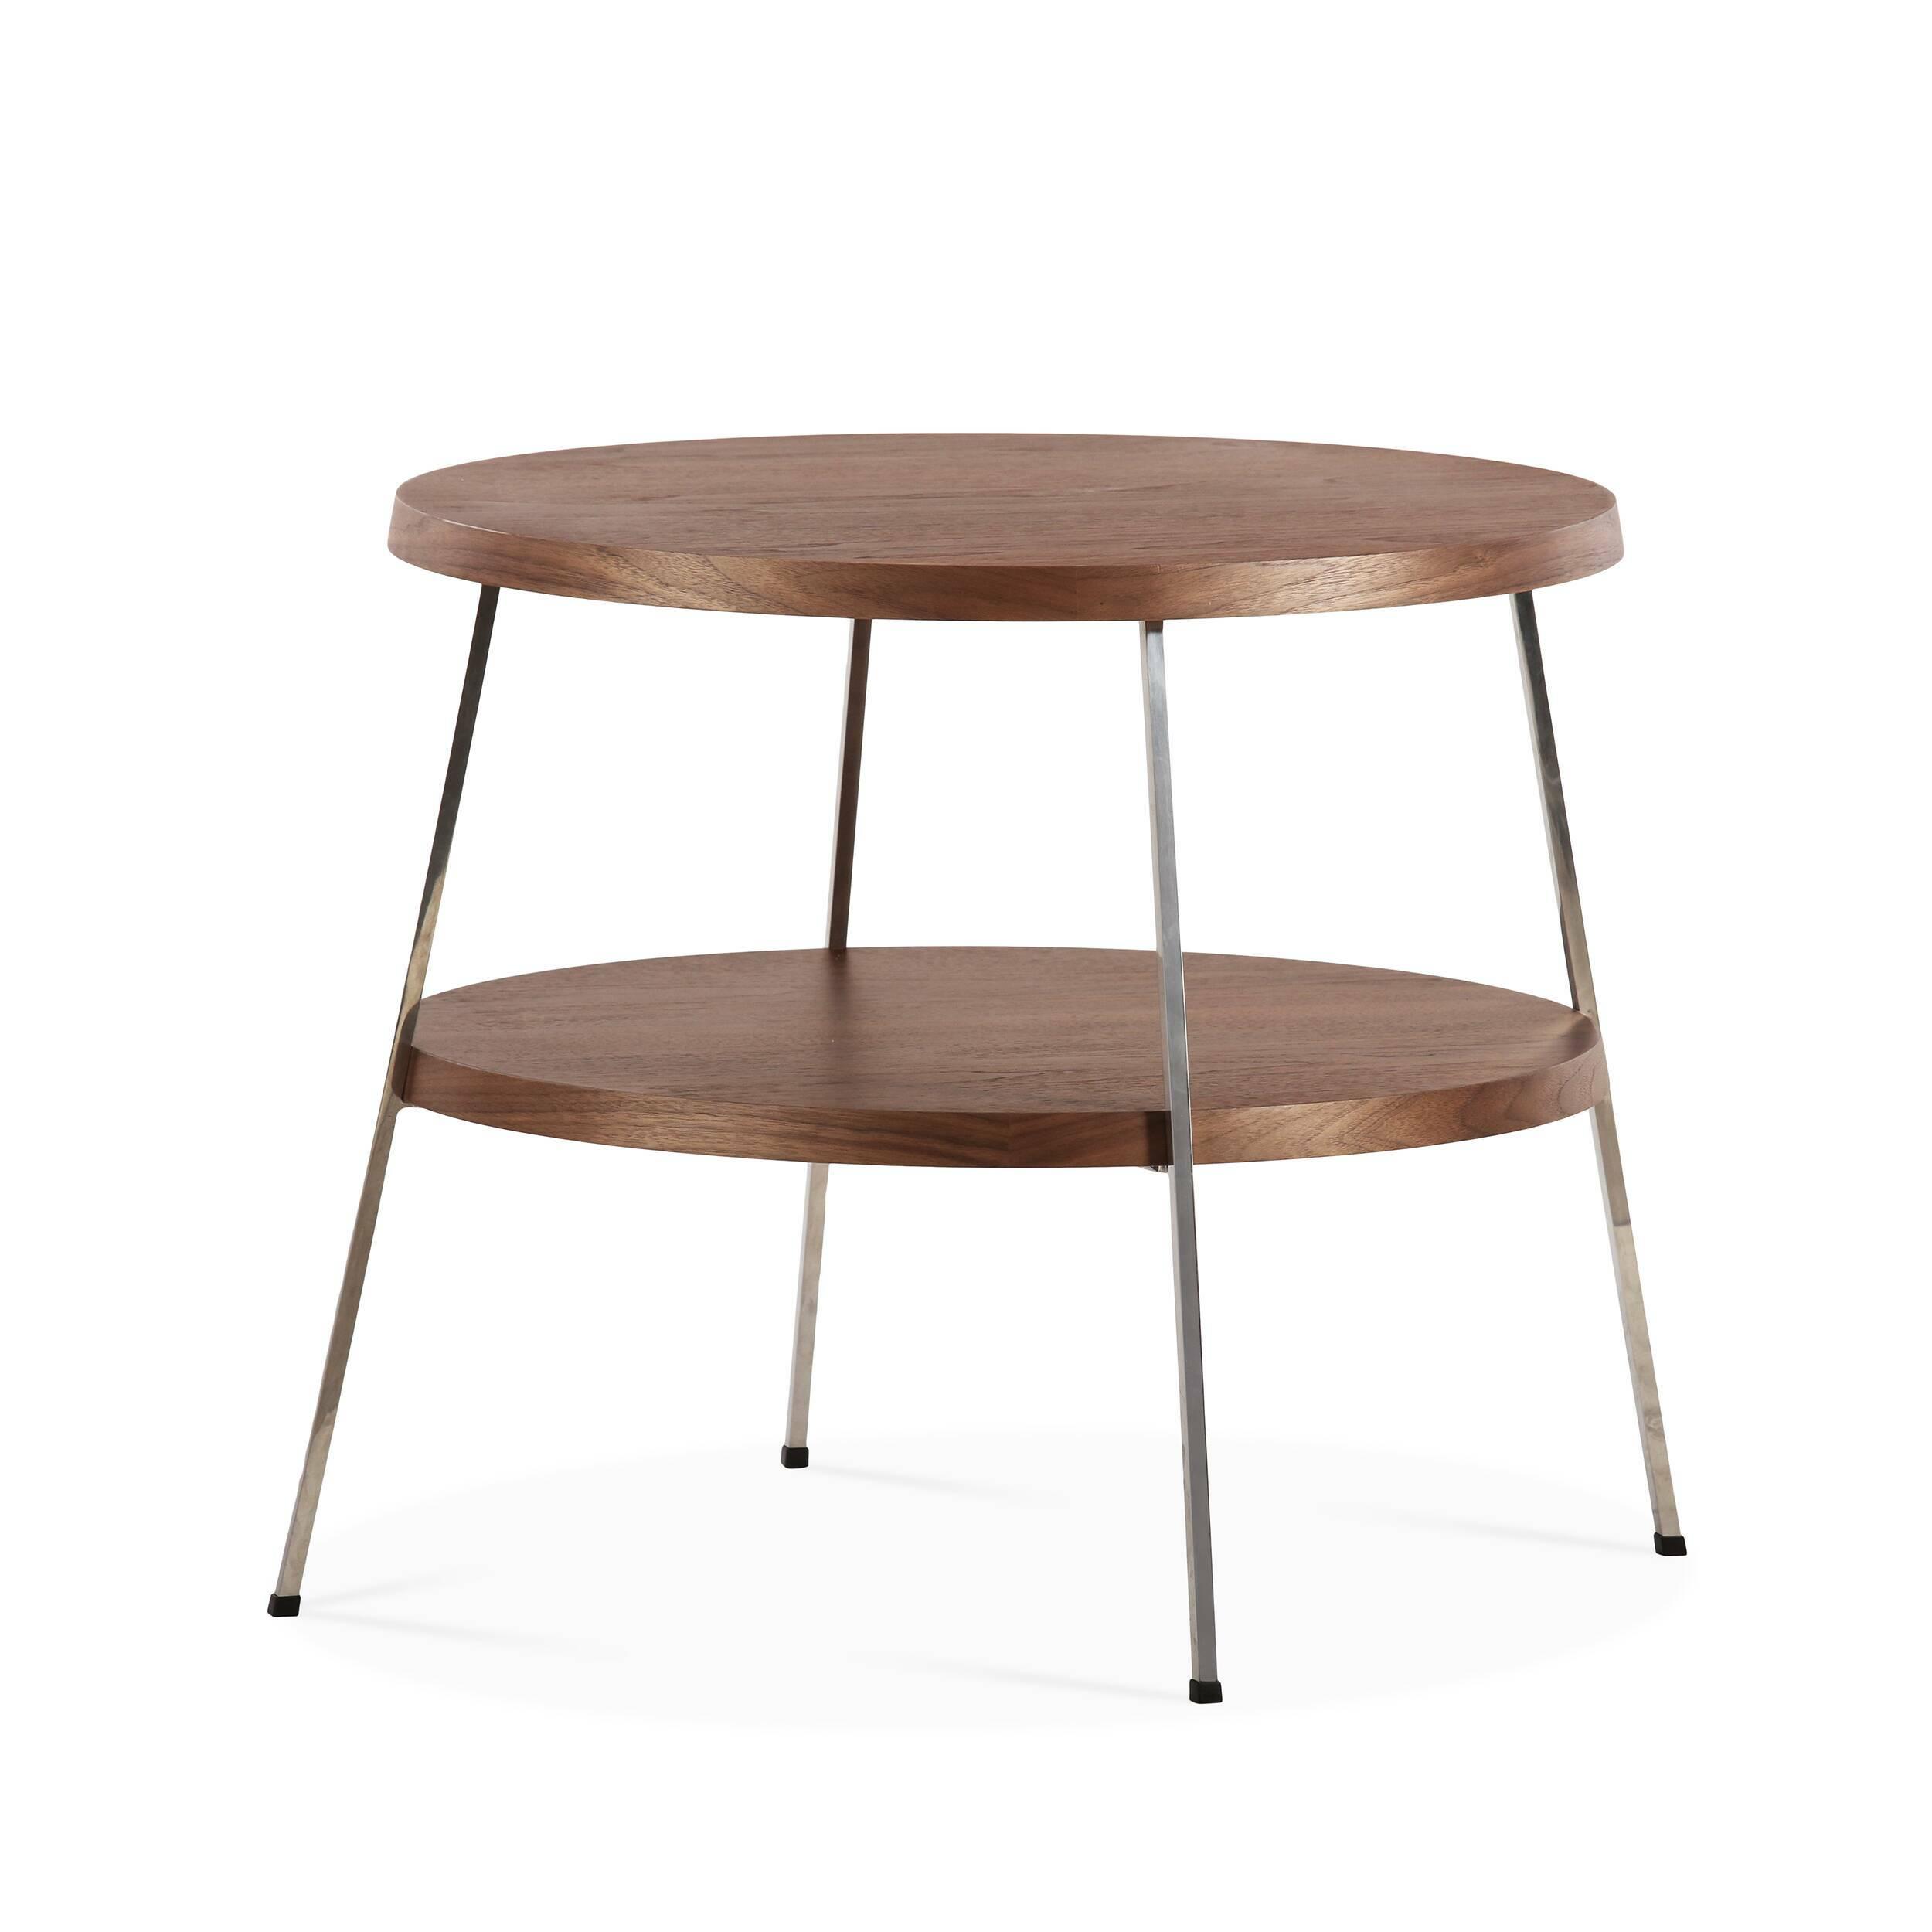 Кофейный стол Two TopКофейные столики<br>Кофейный стол — необязательный, но весьма желательный предмет мебели, который поможет дополнить или завершить интерьер любой гостиной комнаты. Он оказывает большое влияние на атмосферу помещения, дополняя его своей функциональностью и удобством. <br><br><br> Кофейный стол Two Top, разработанный американским дизайнером Шоном Диксом, имеет необычный дизайн и удивительно удобен в использовании за счет своих двух поверхностей. Мебель Шона Дикса минималистична и интеллектуальна, прекрасно обработана...<br><br>stock: 0<br>Высота: 53,5<br>Диаметр: 60<br>Цвет ножек: Хром<br>Цвет столешницы: Орех американский<br>Материал столешницы: Фанера, шпон ореха<br>Тип материала столешницы: Фанера<br>Тип материала ножек: Сталь нержавеющая